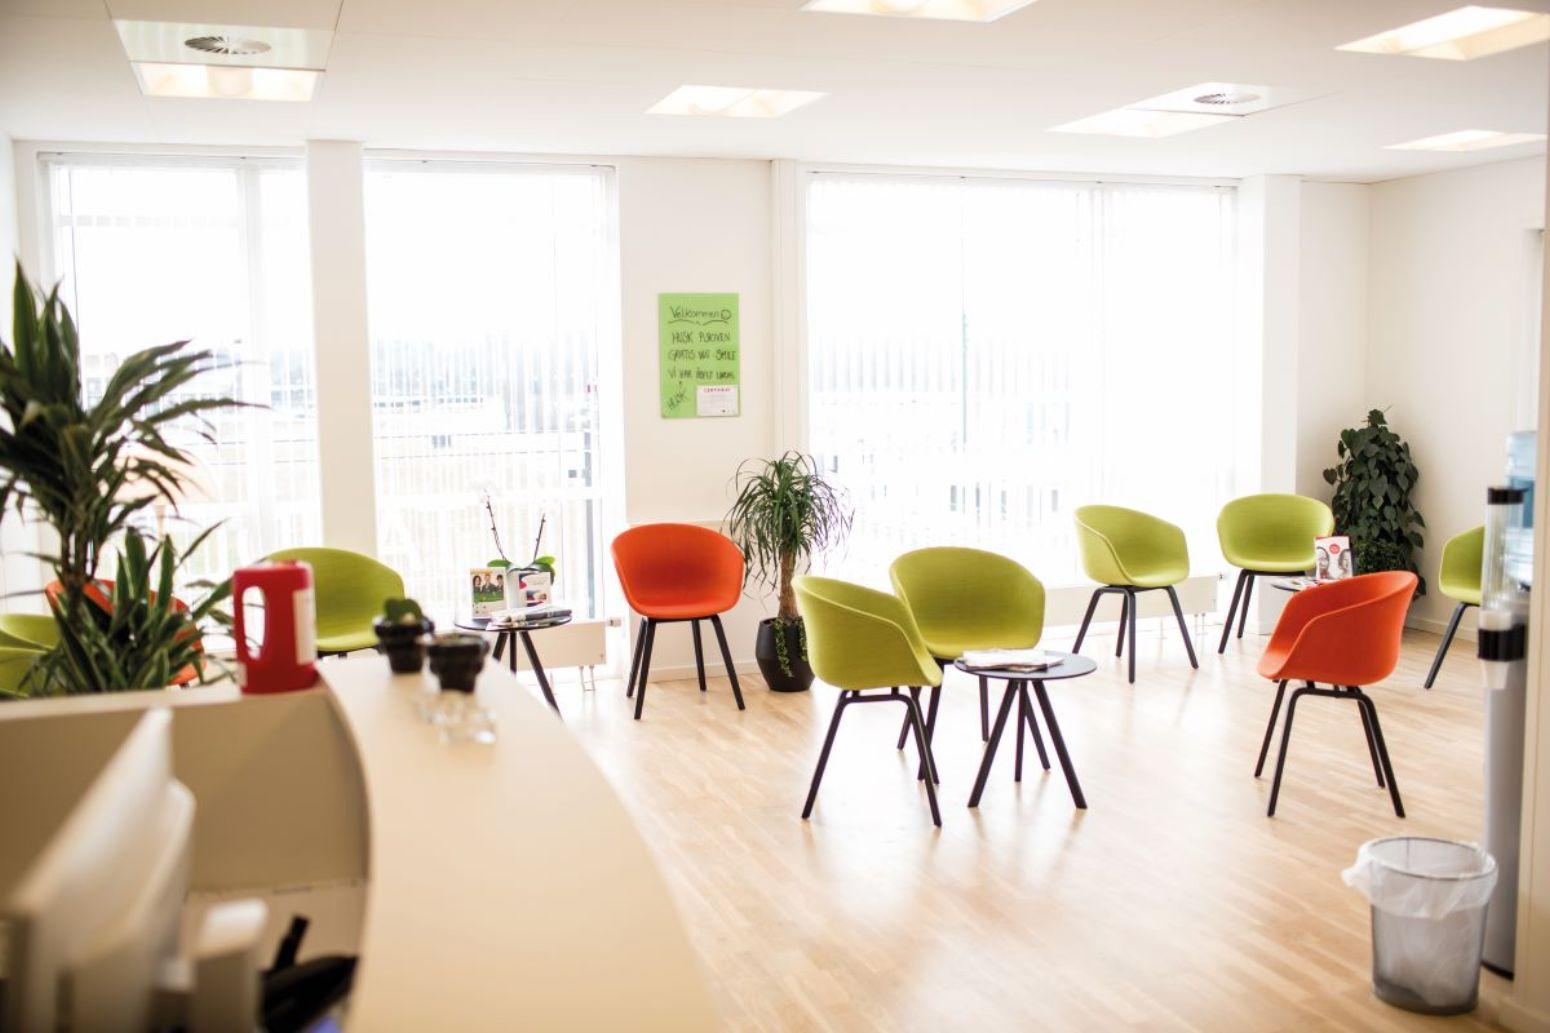 En tandlægereception som viser muligheder for indretning med farvede stole i lime og orange farver i et lyst lokale med flot lysindfald